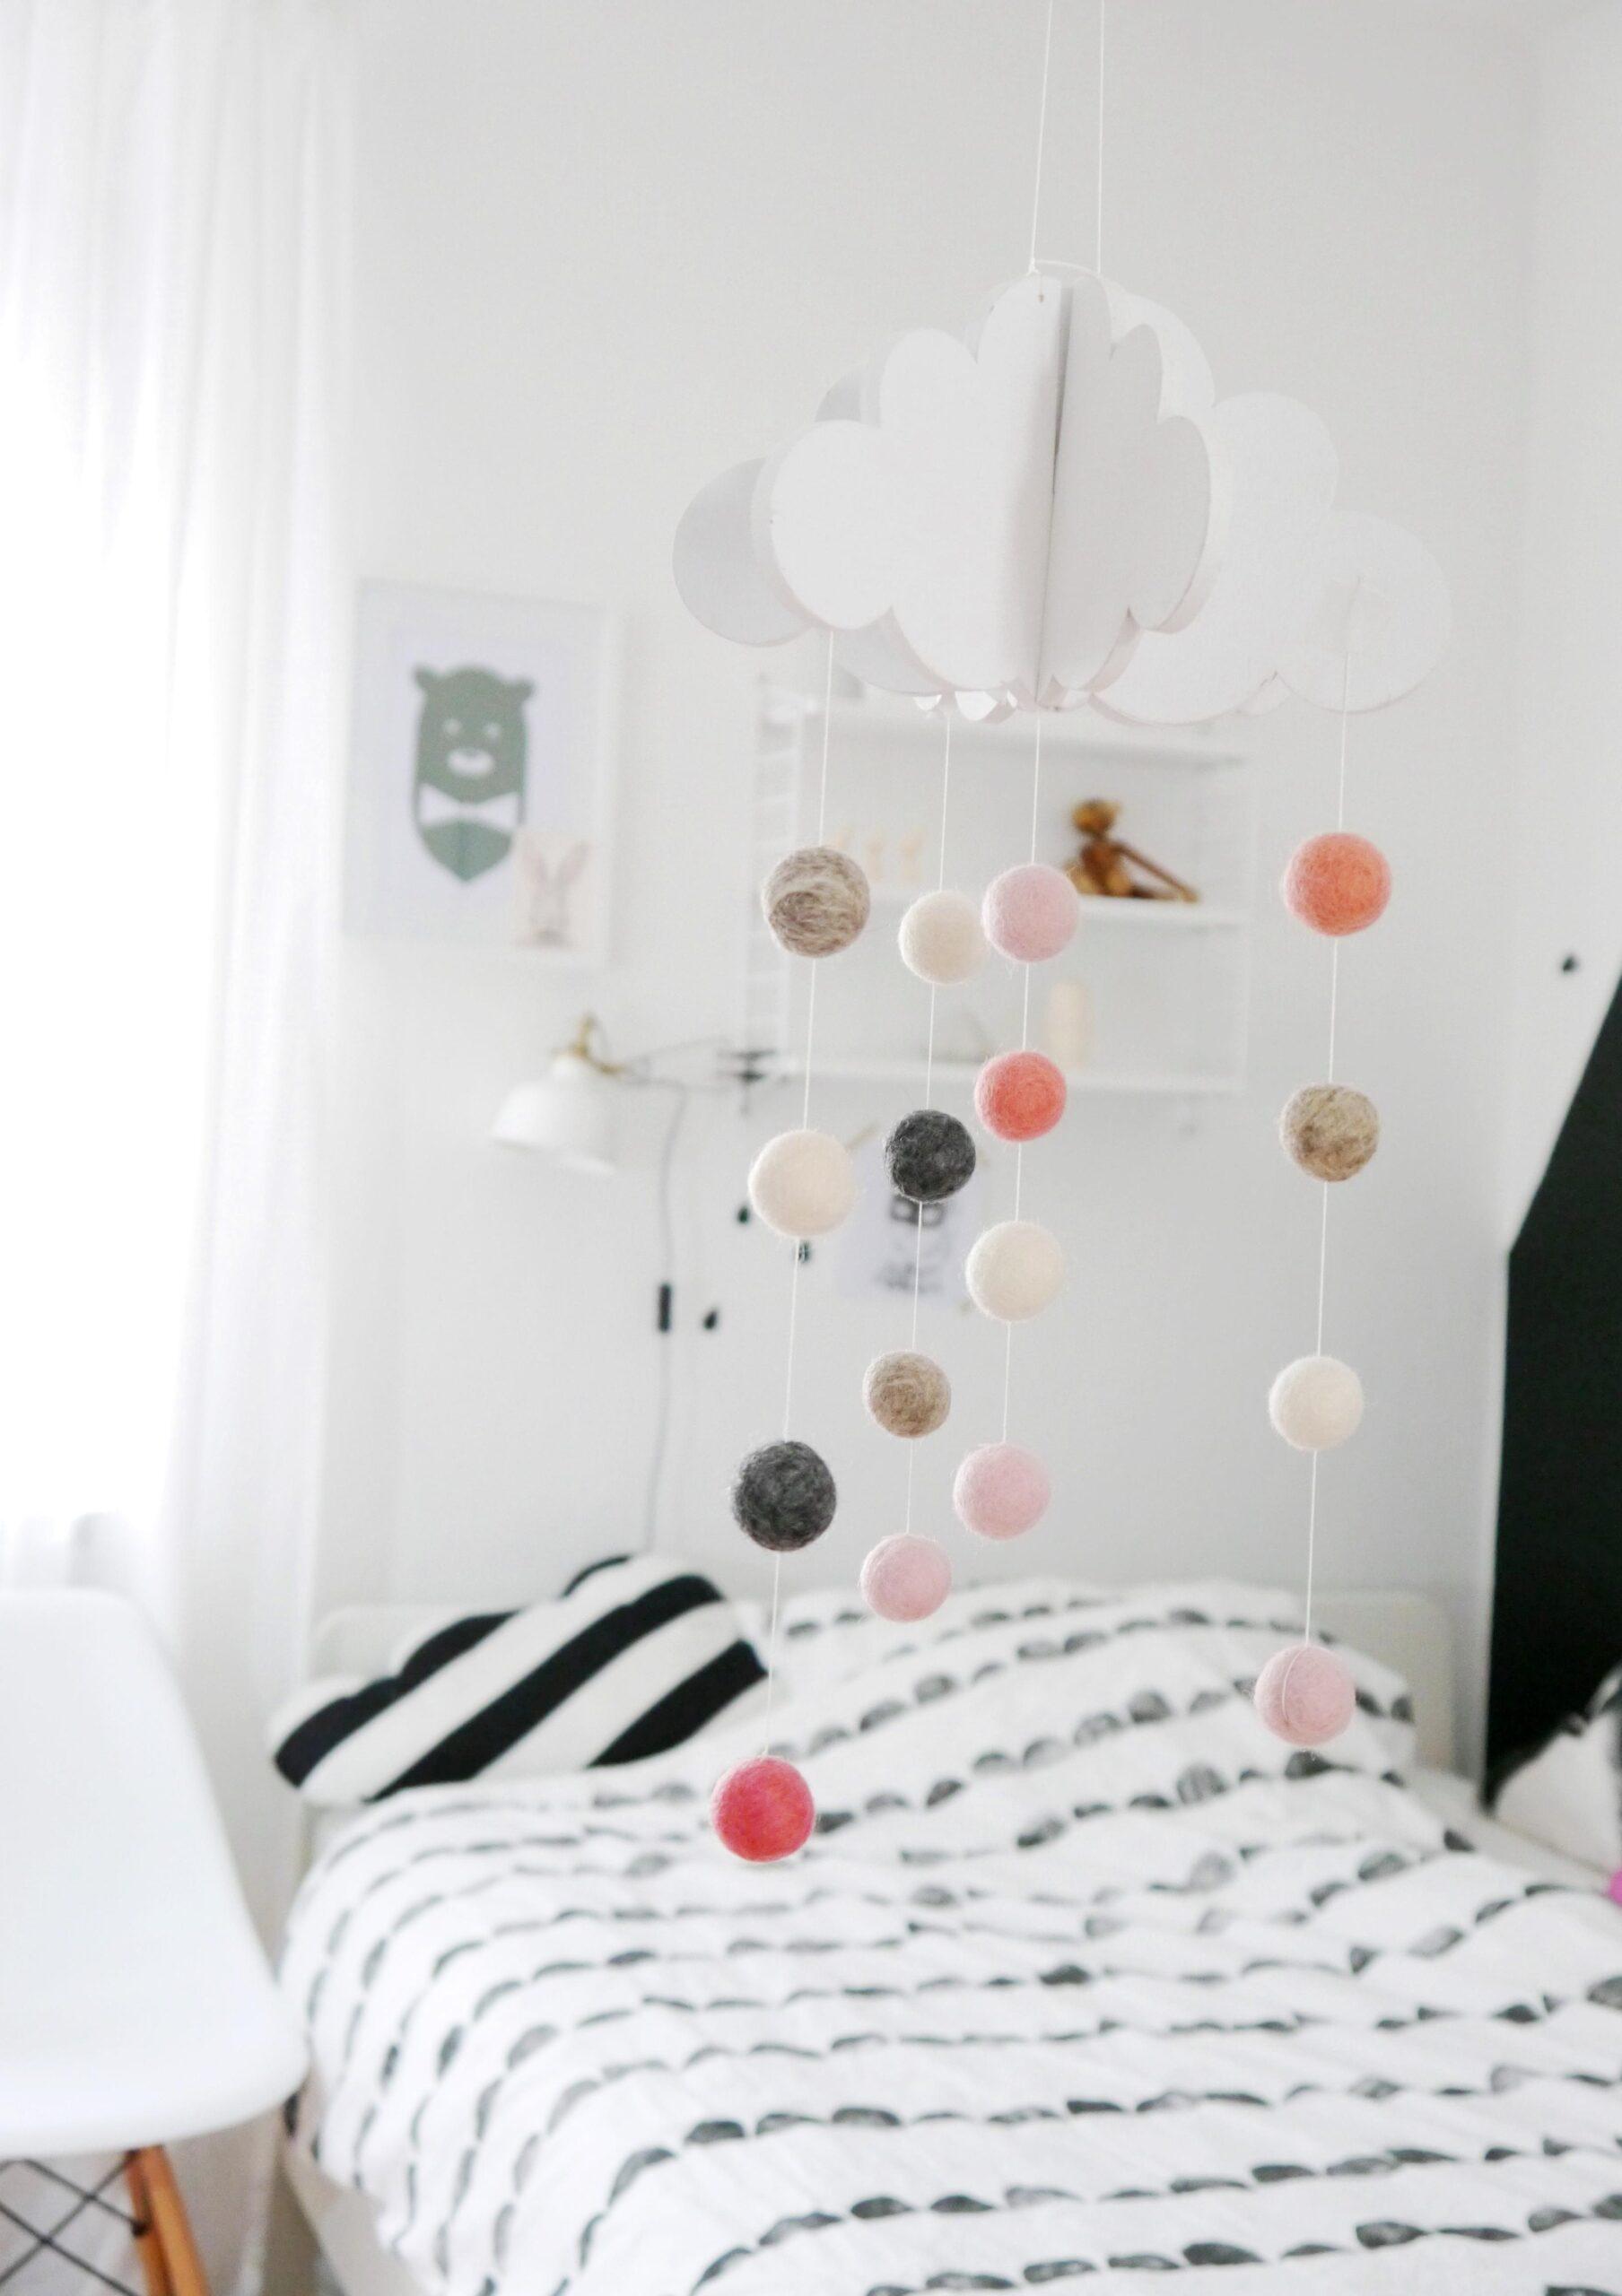 Full Size of Kinderbett Schne Wohnideen Fr Kleinen Bei Couch Coole T Shirt Sprüche Betten T Shirt Wohnzimmer Coole Kinderbetten